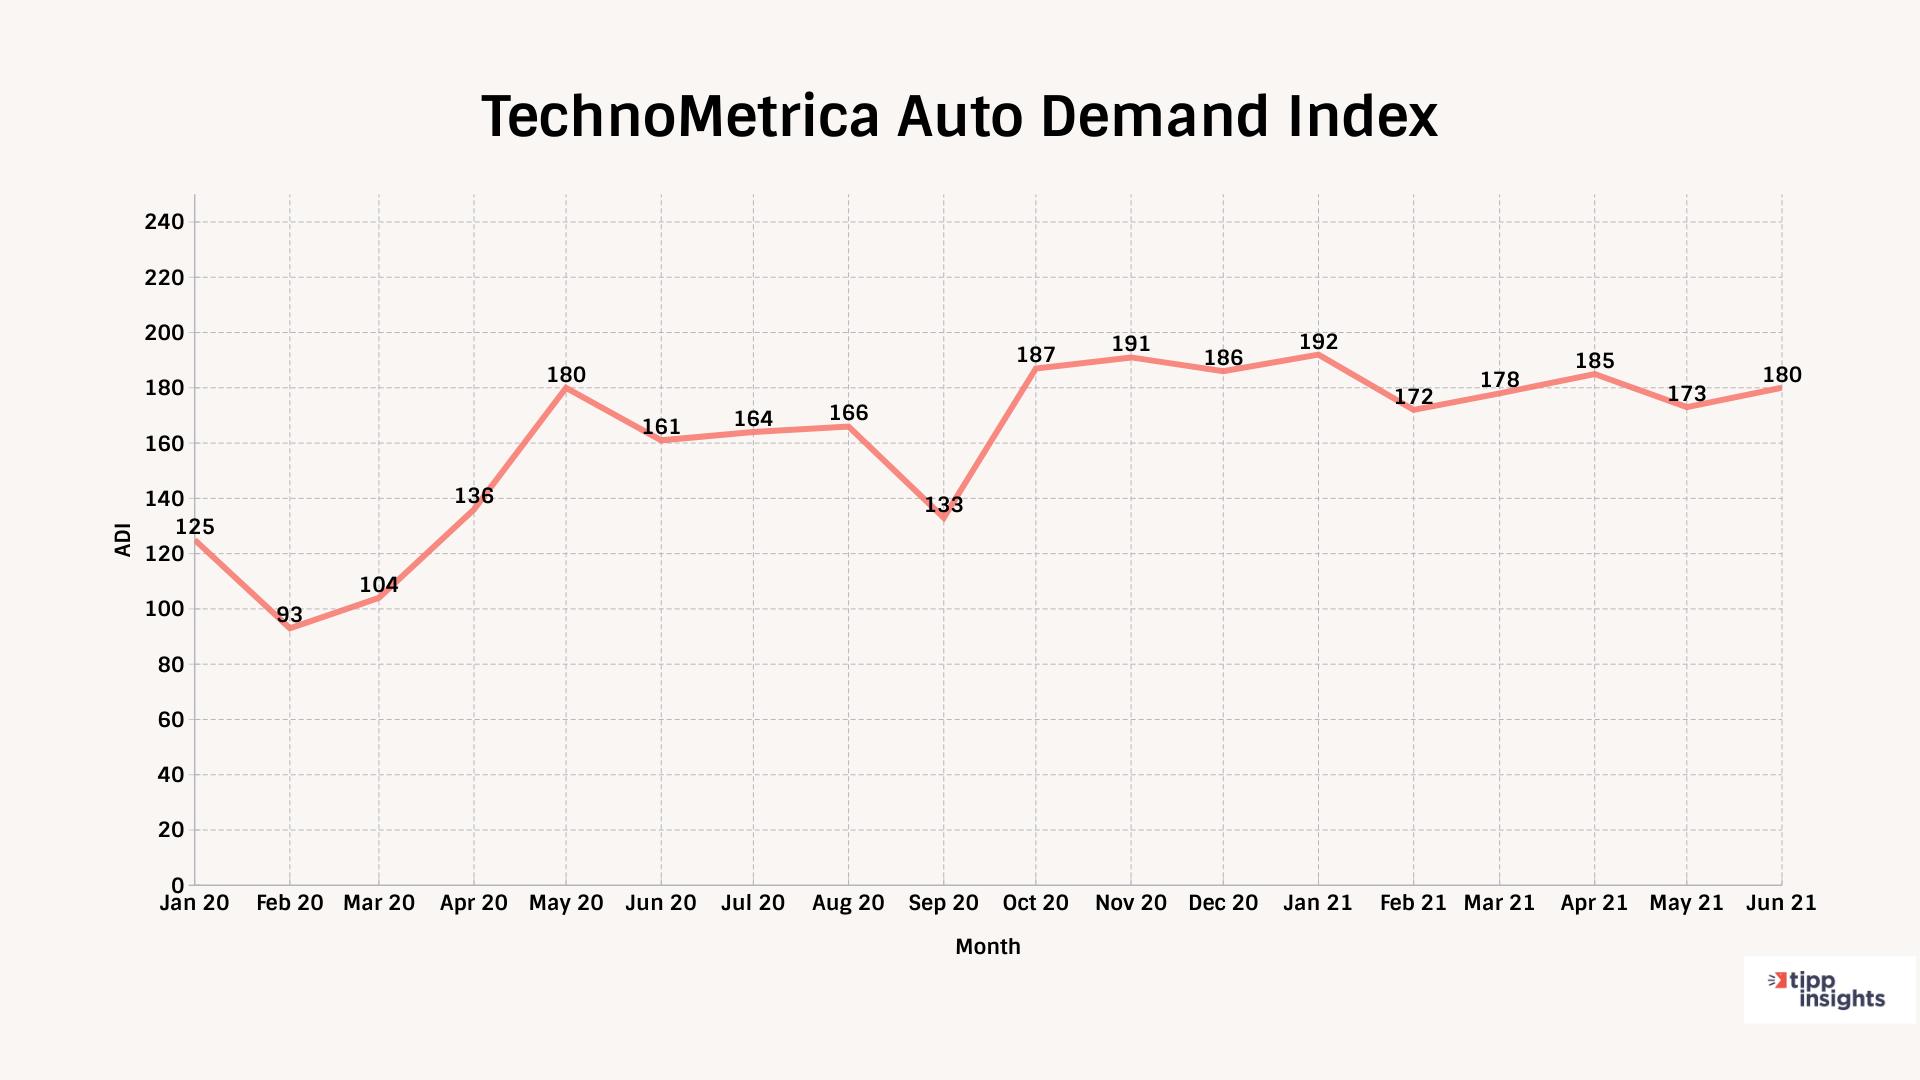 TechnoMetrica Auto Demand Index For June 2021